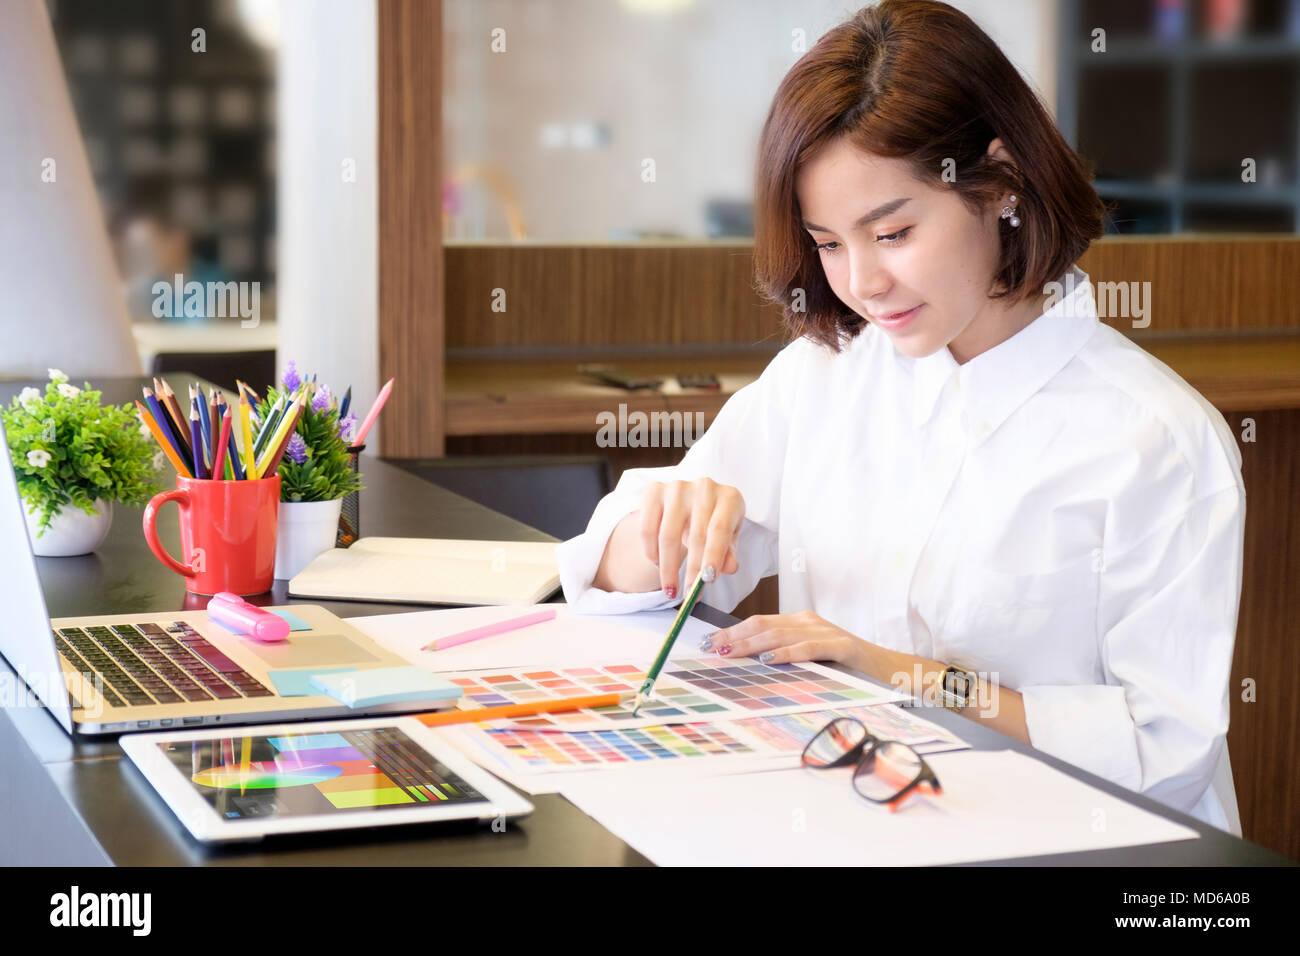 Captura recortada del diseñador gráfico mujer artista creativo en lugar de trabajo. Foto de stock